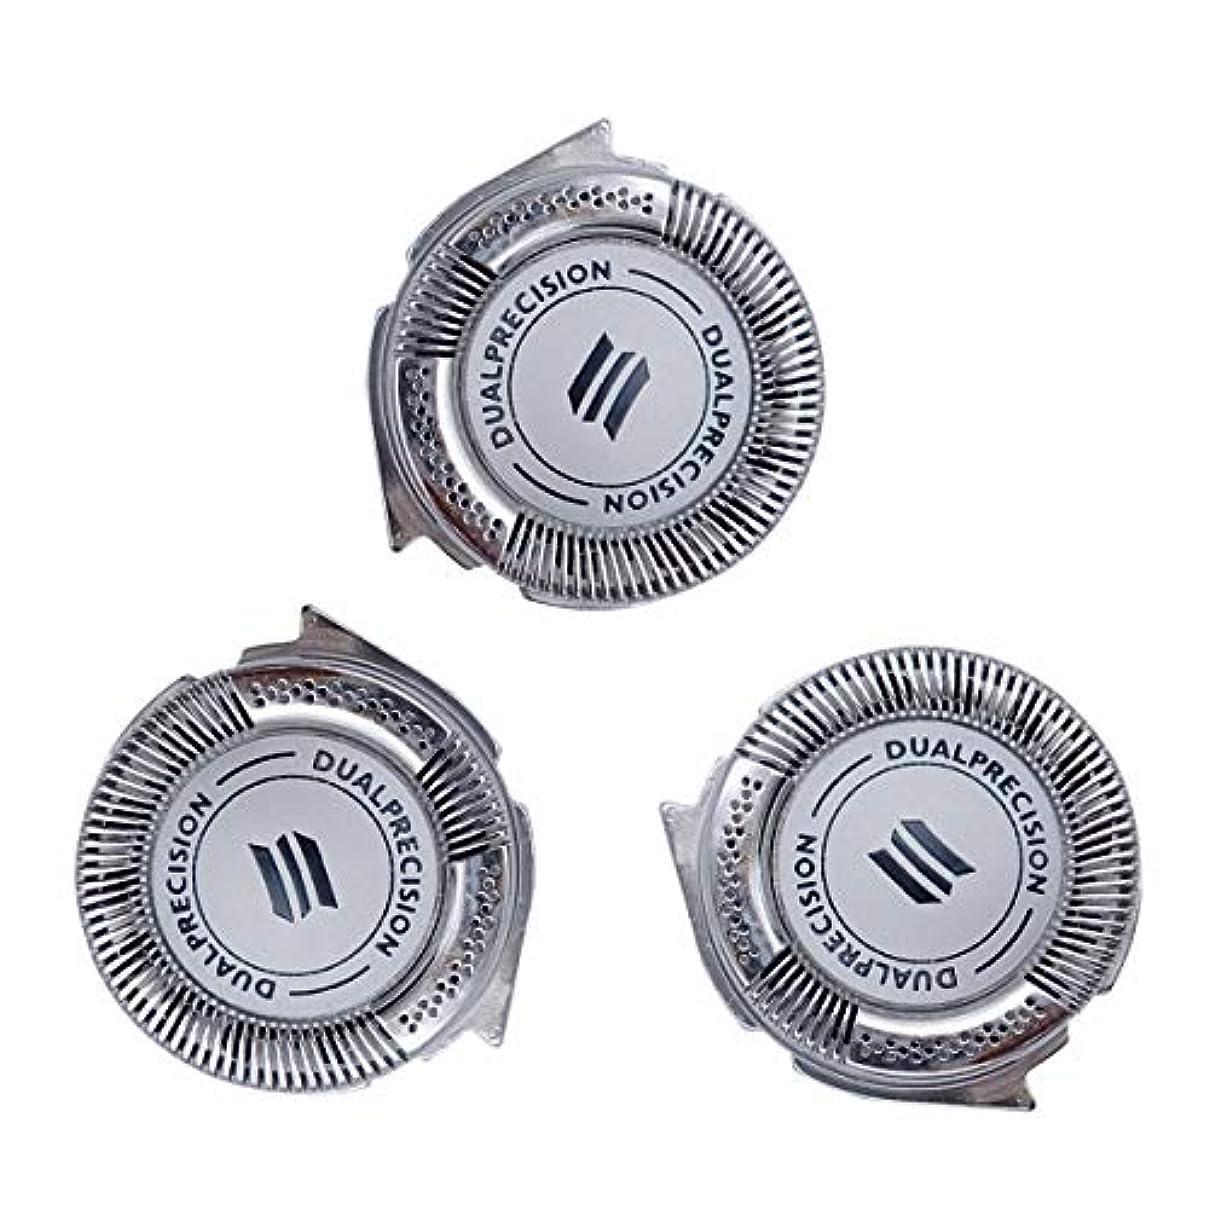 おじいちゃん芸術的違反シェーバーカミソリヘッド交換替え刃 に適用するPhilips HQ8 DualPrecisionヘッド(3個)